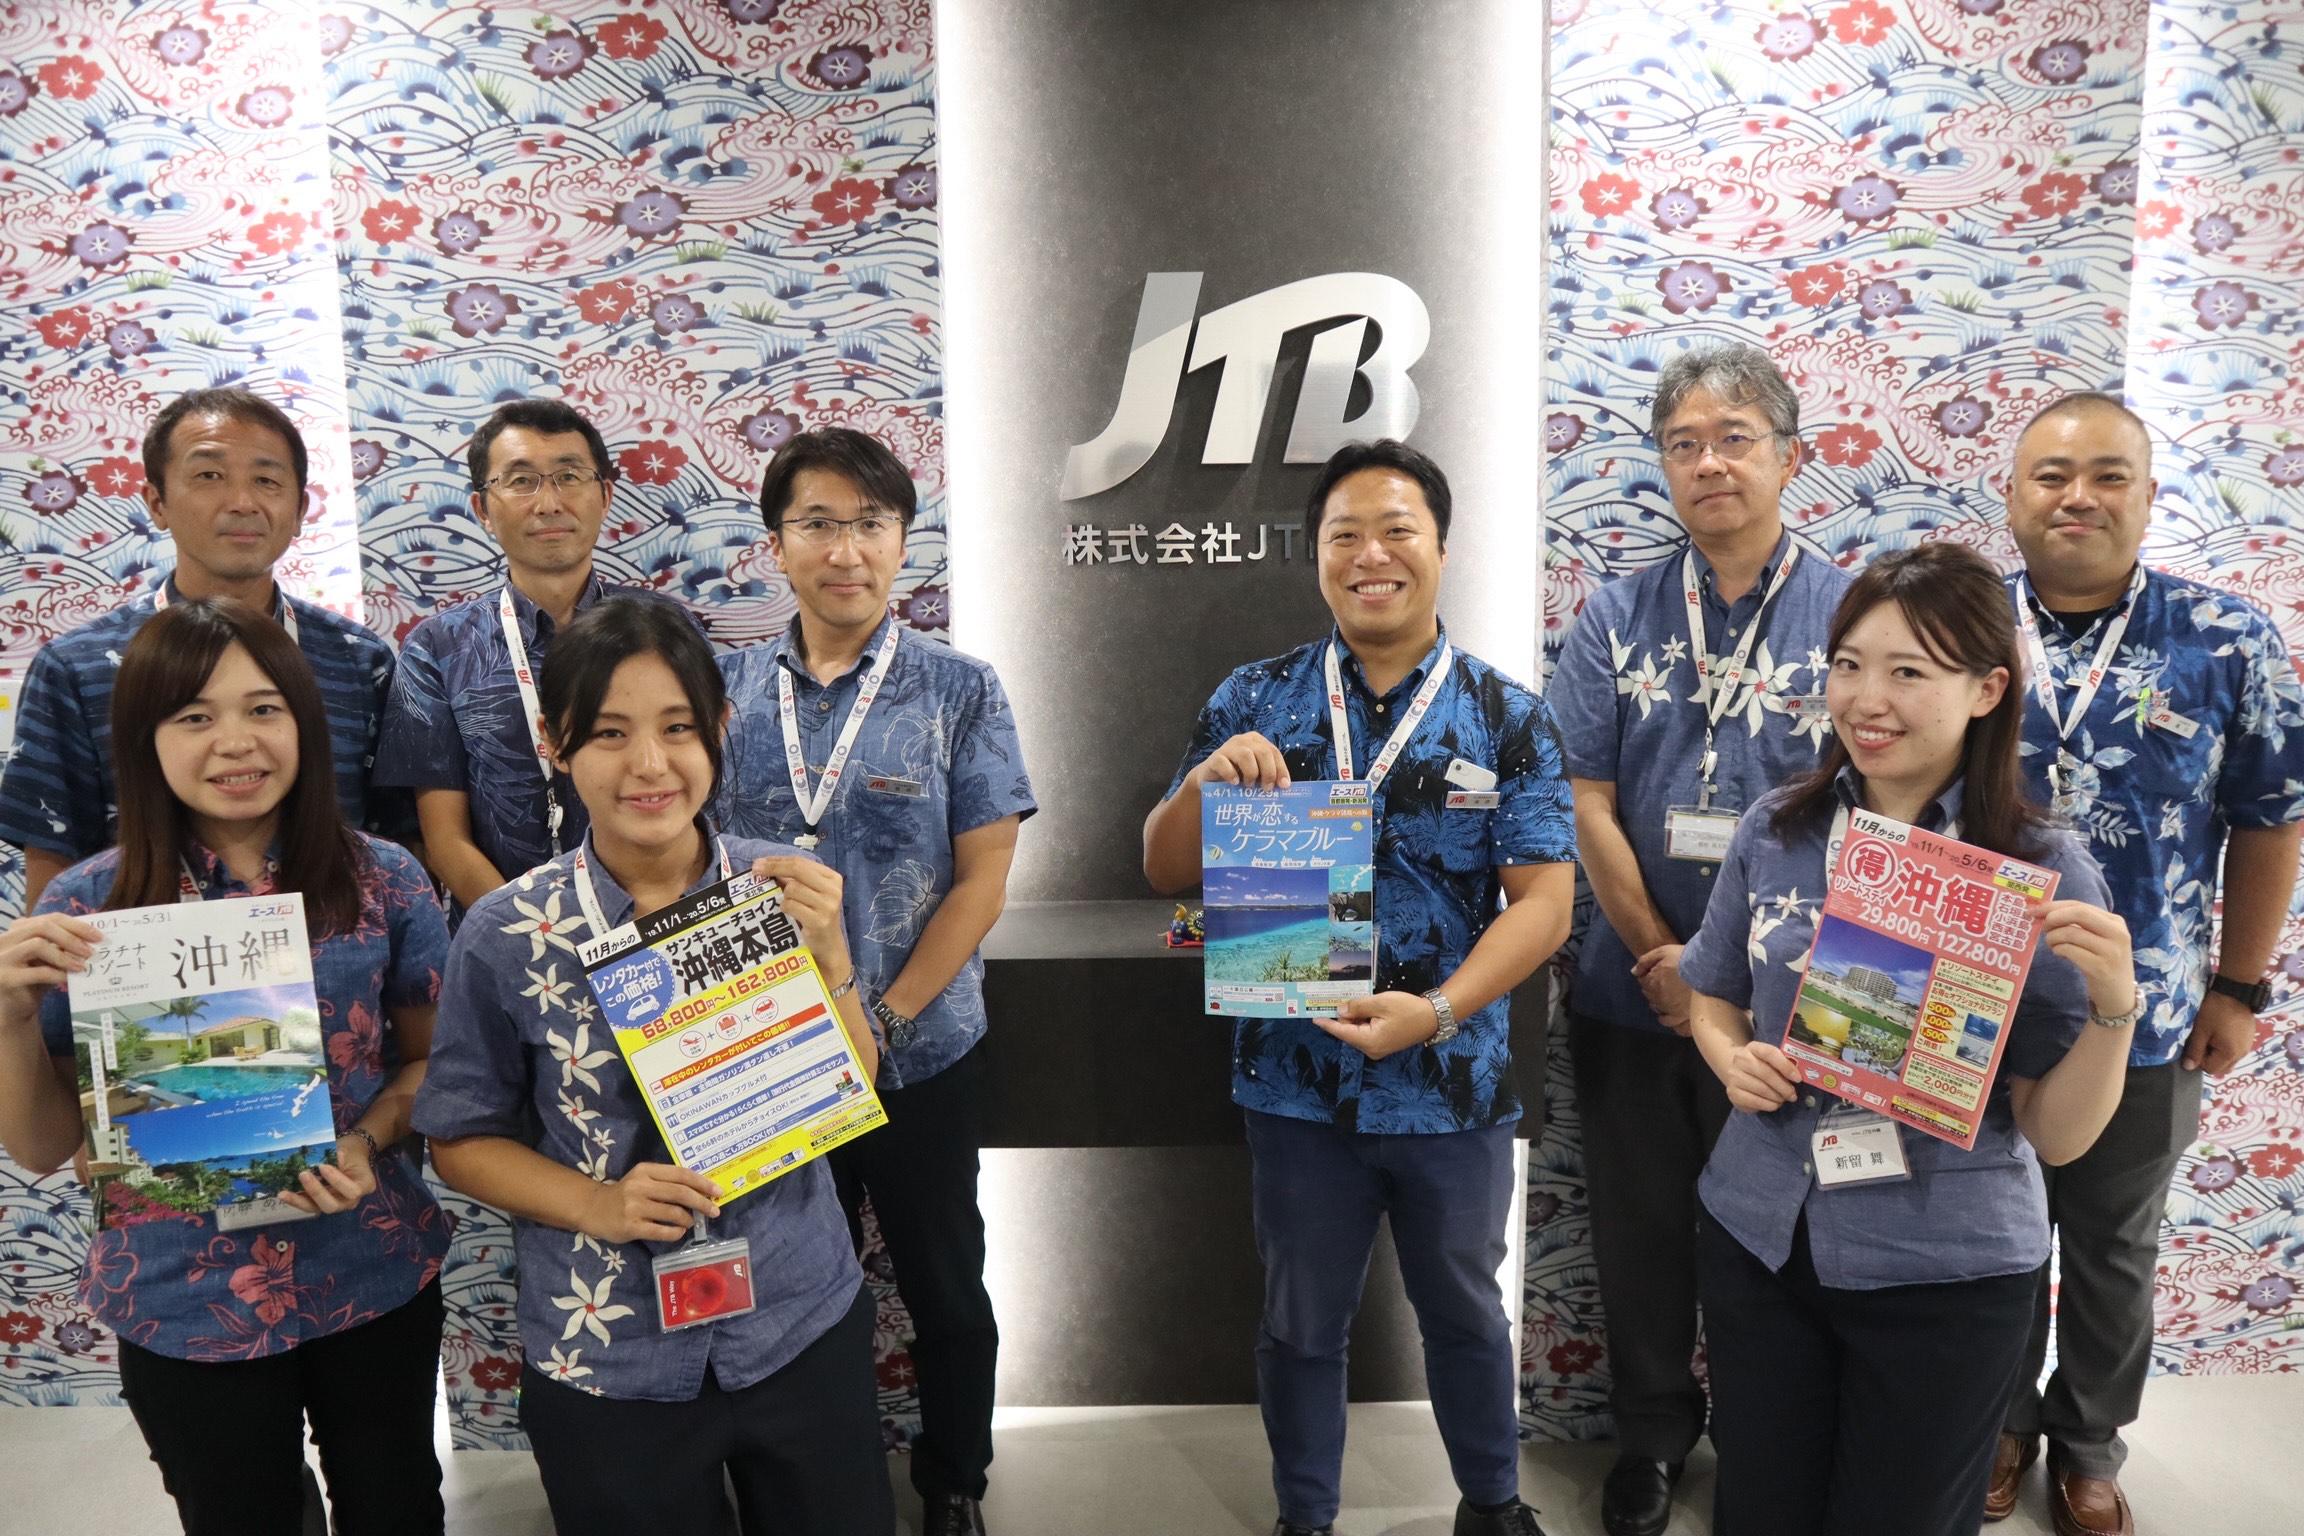 株式会社JTB沖縄